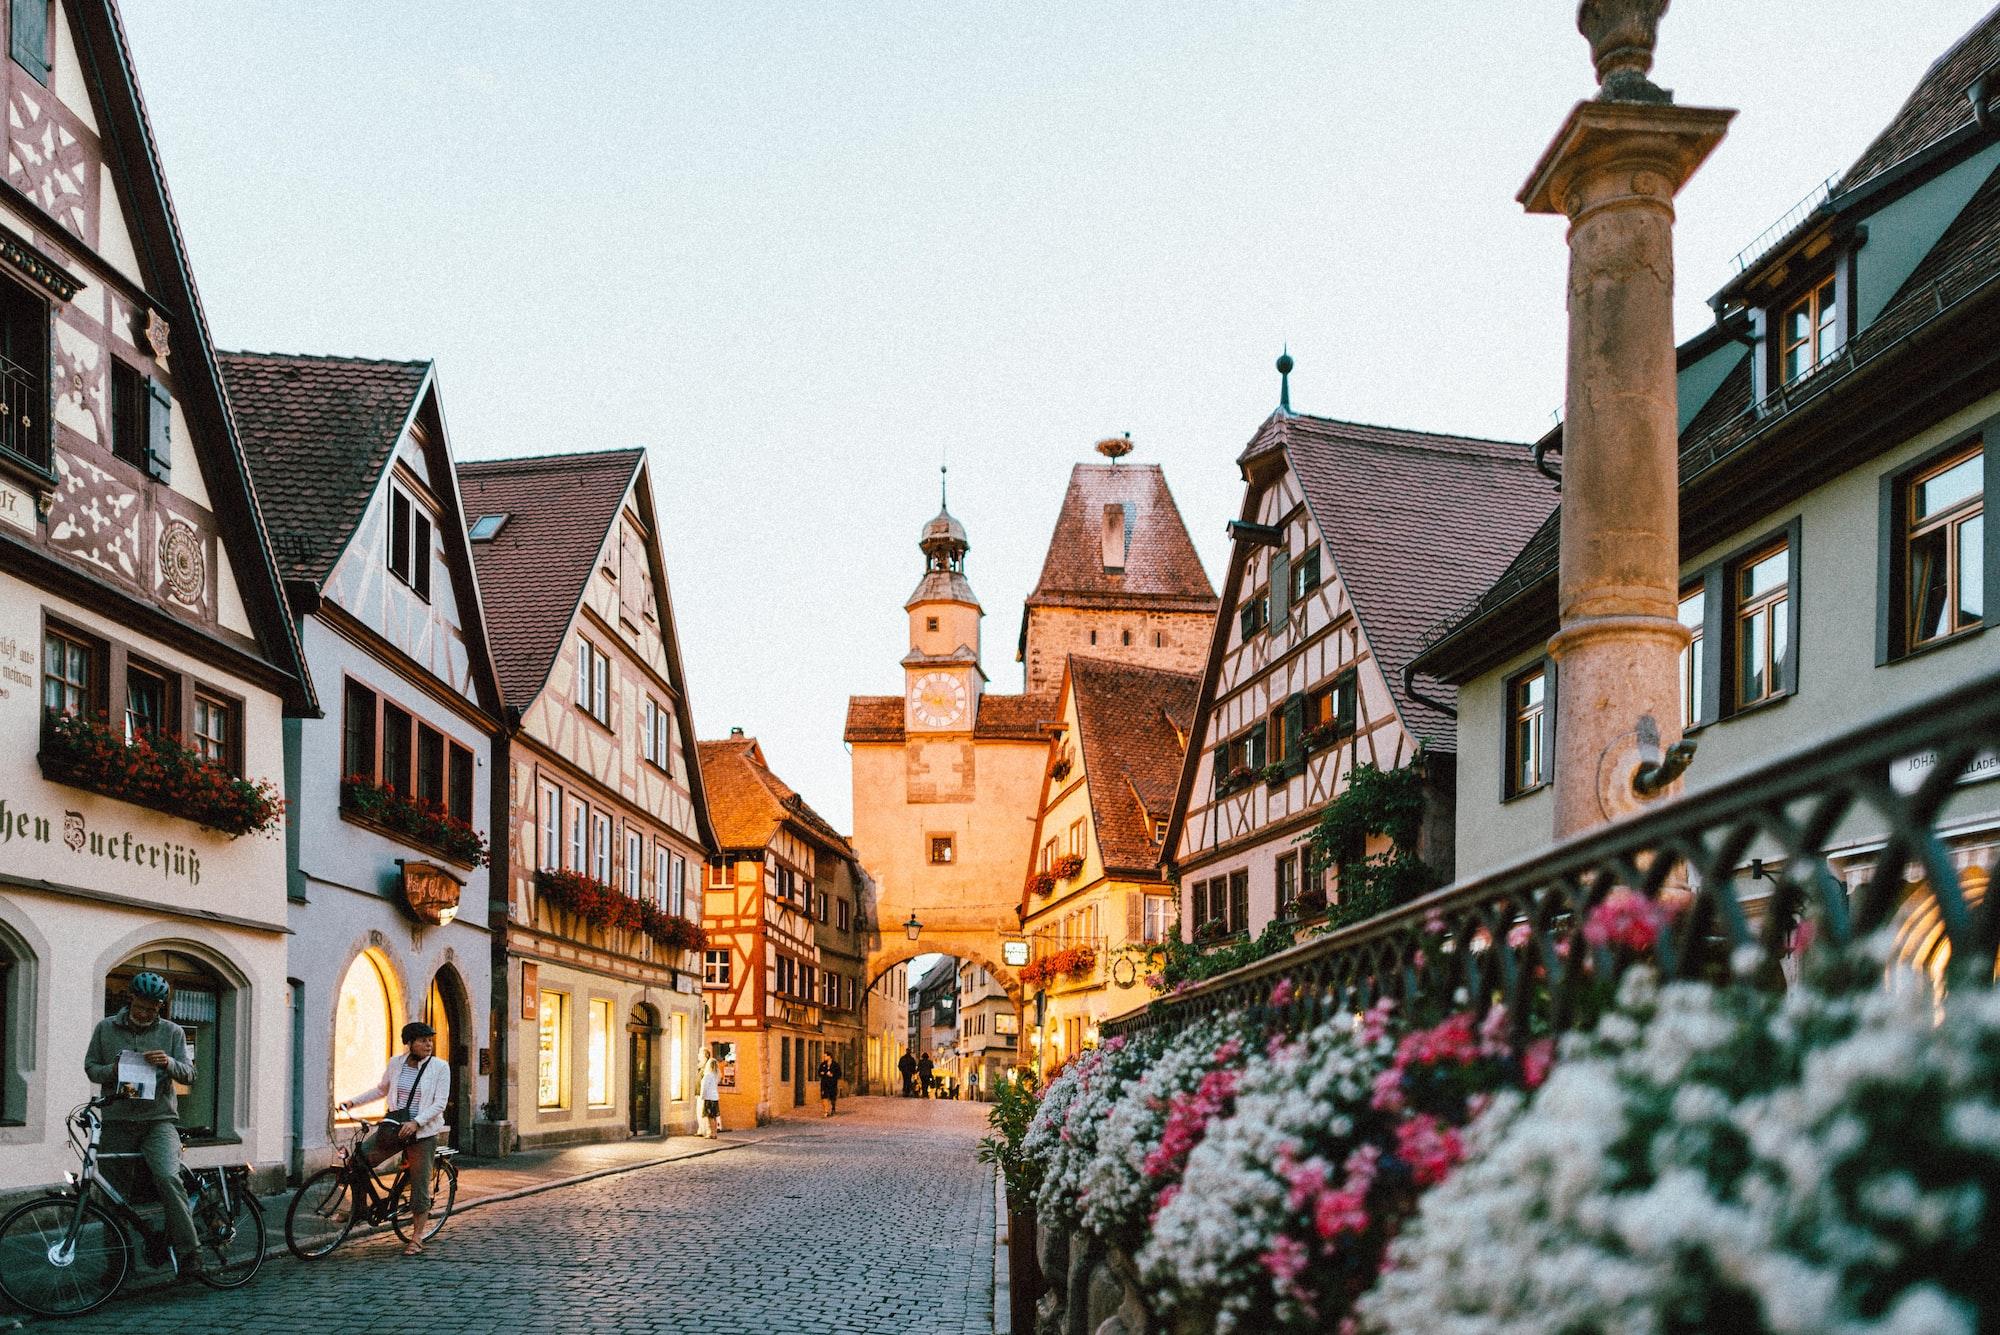 Visita Rüdesheim